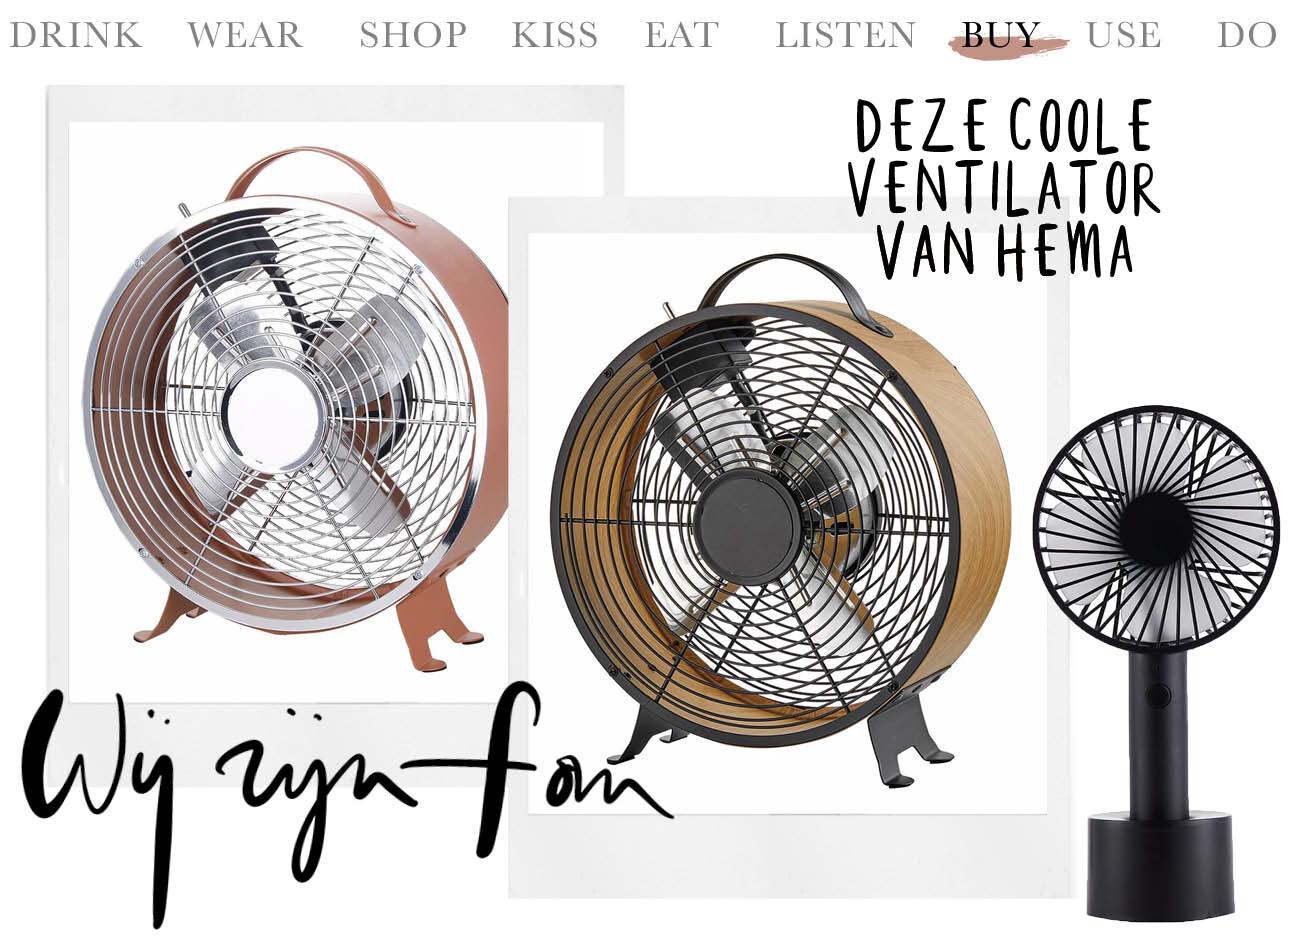 Today we buy deze coole ventilator van Hema